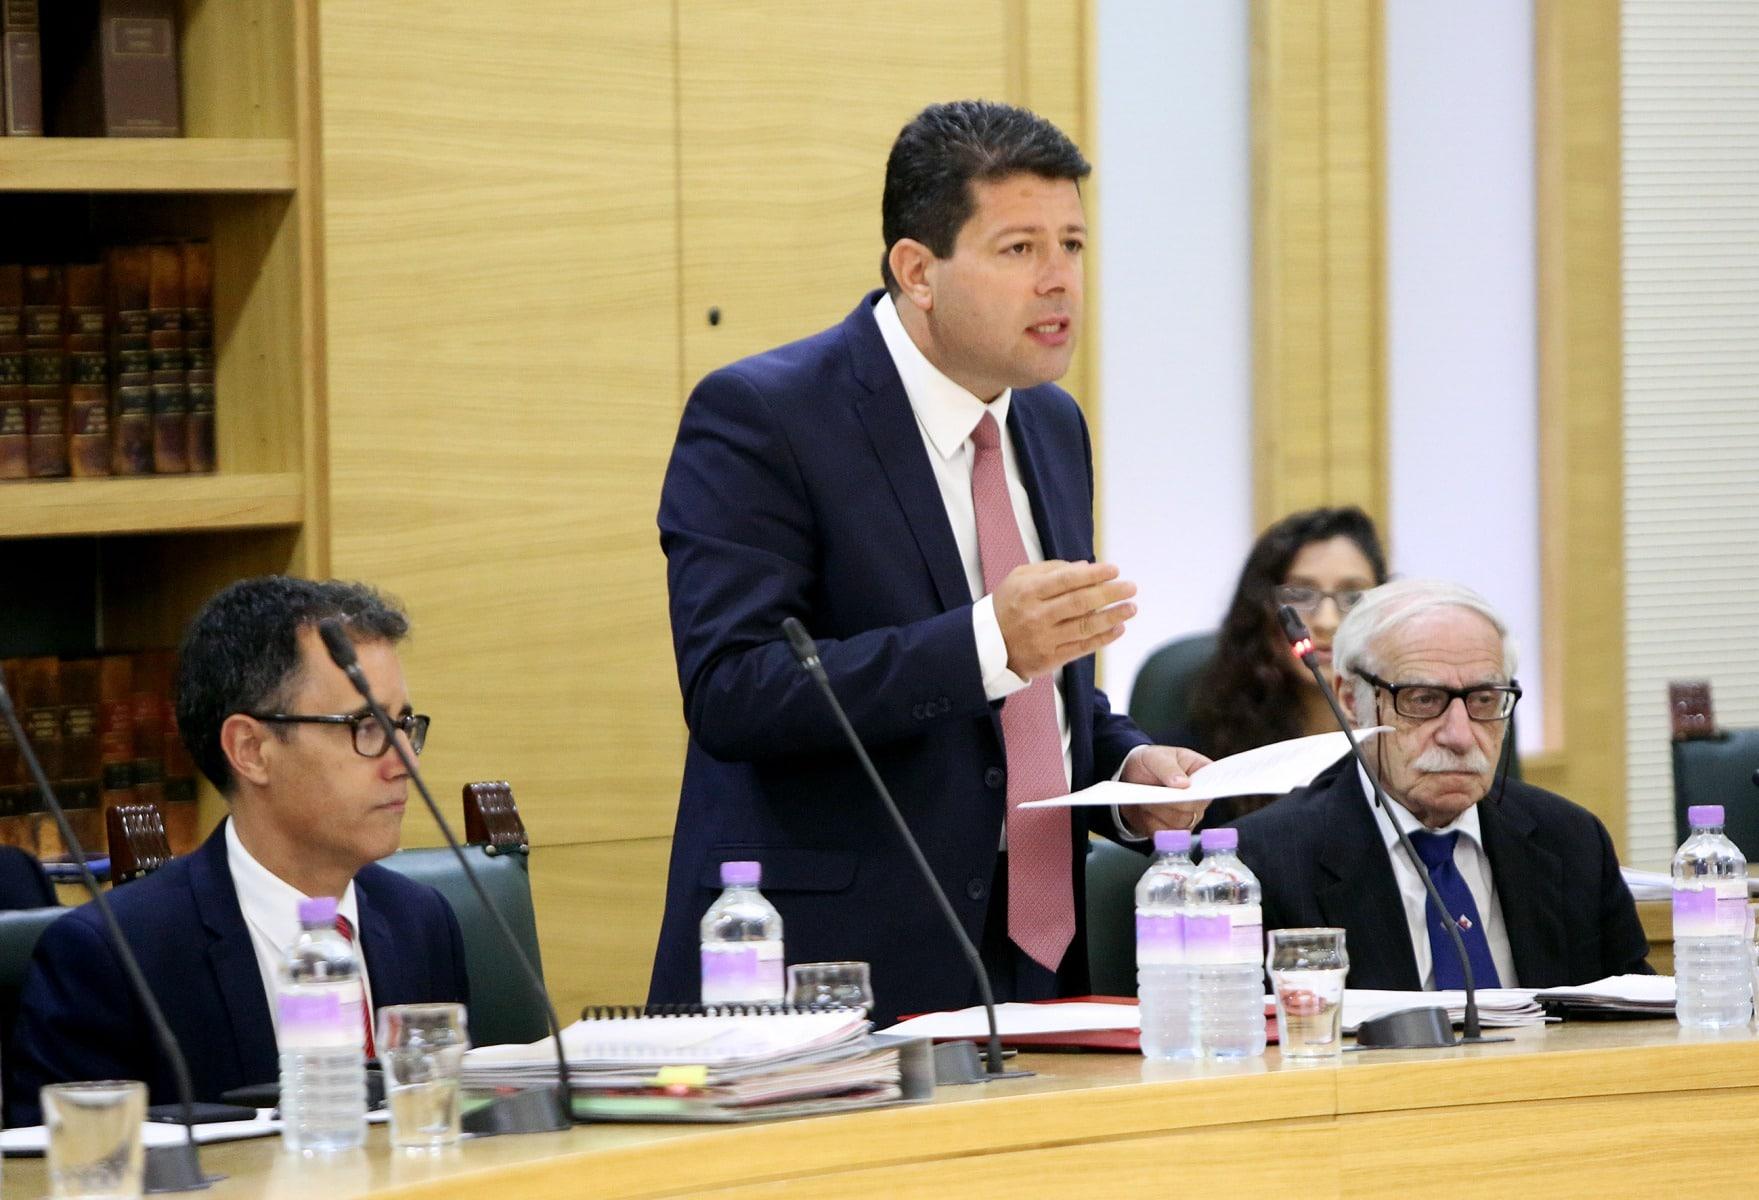 el-ministro-principal-de-gibraltar-fabin-picardo-centro-el-viceministro-principal-joseph-garca-i-y-el-ministro-de-desarrollo-econmico-joe-bossano-d_27844268626_o